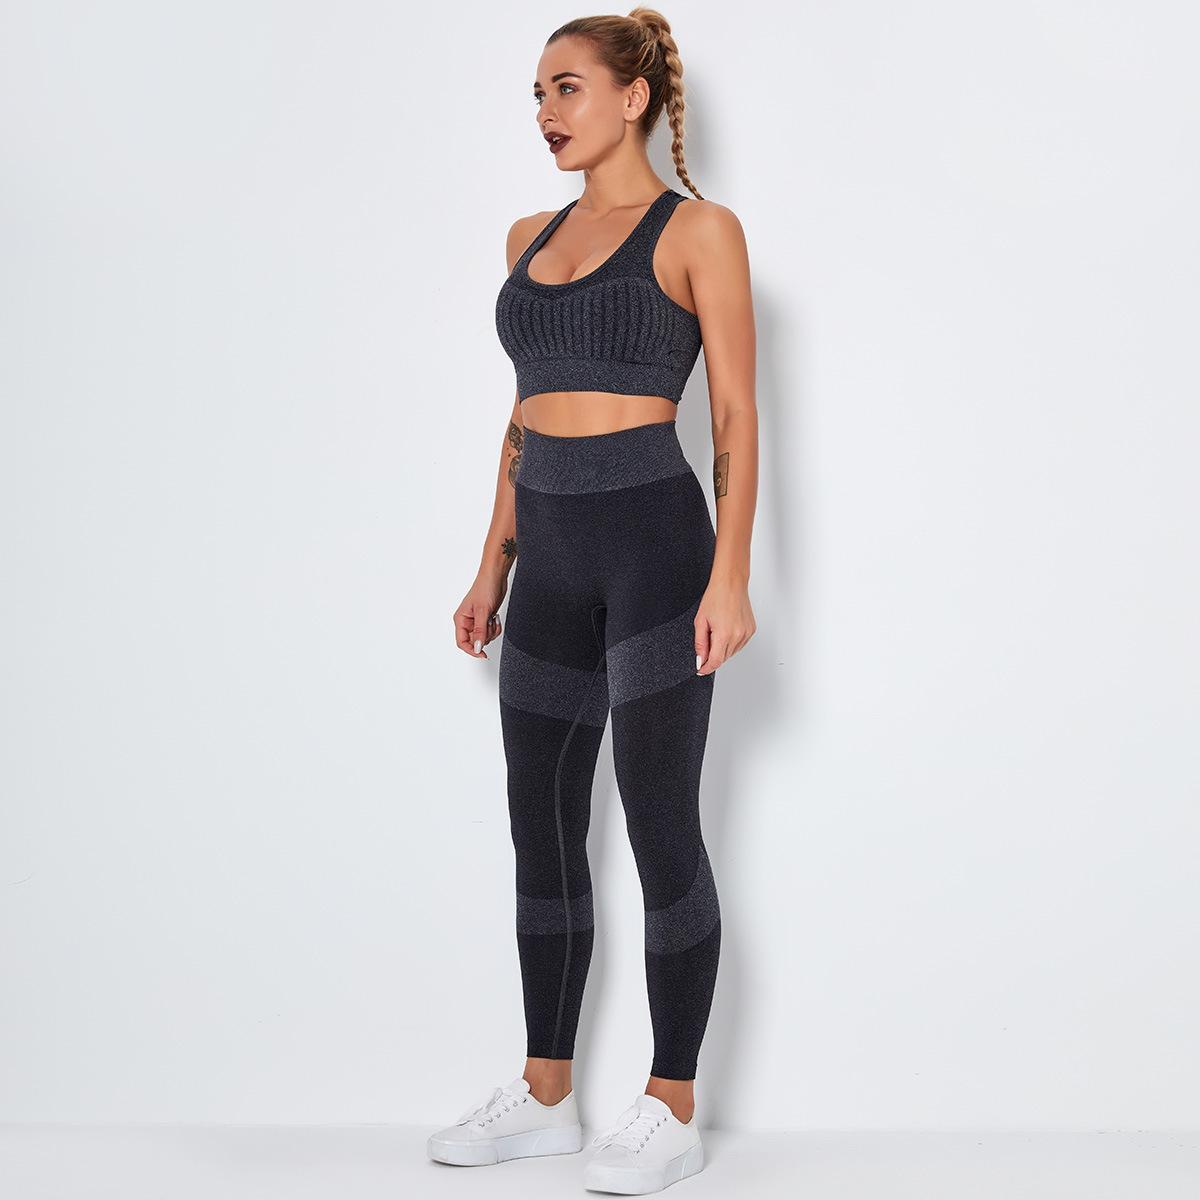 Women seamless sportswear set.